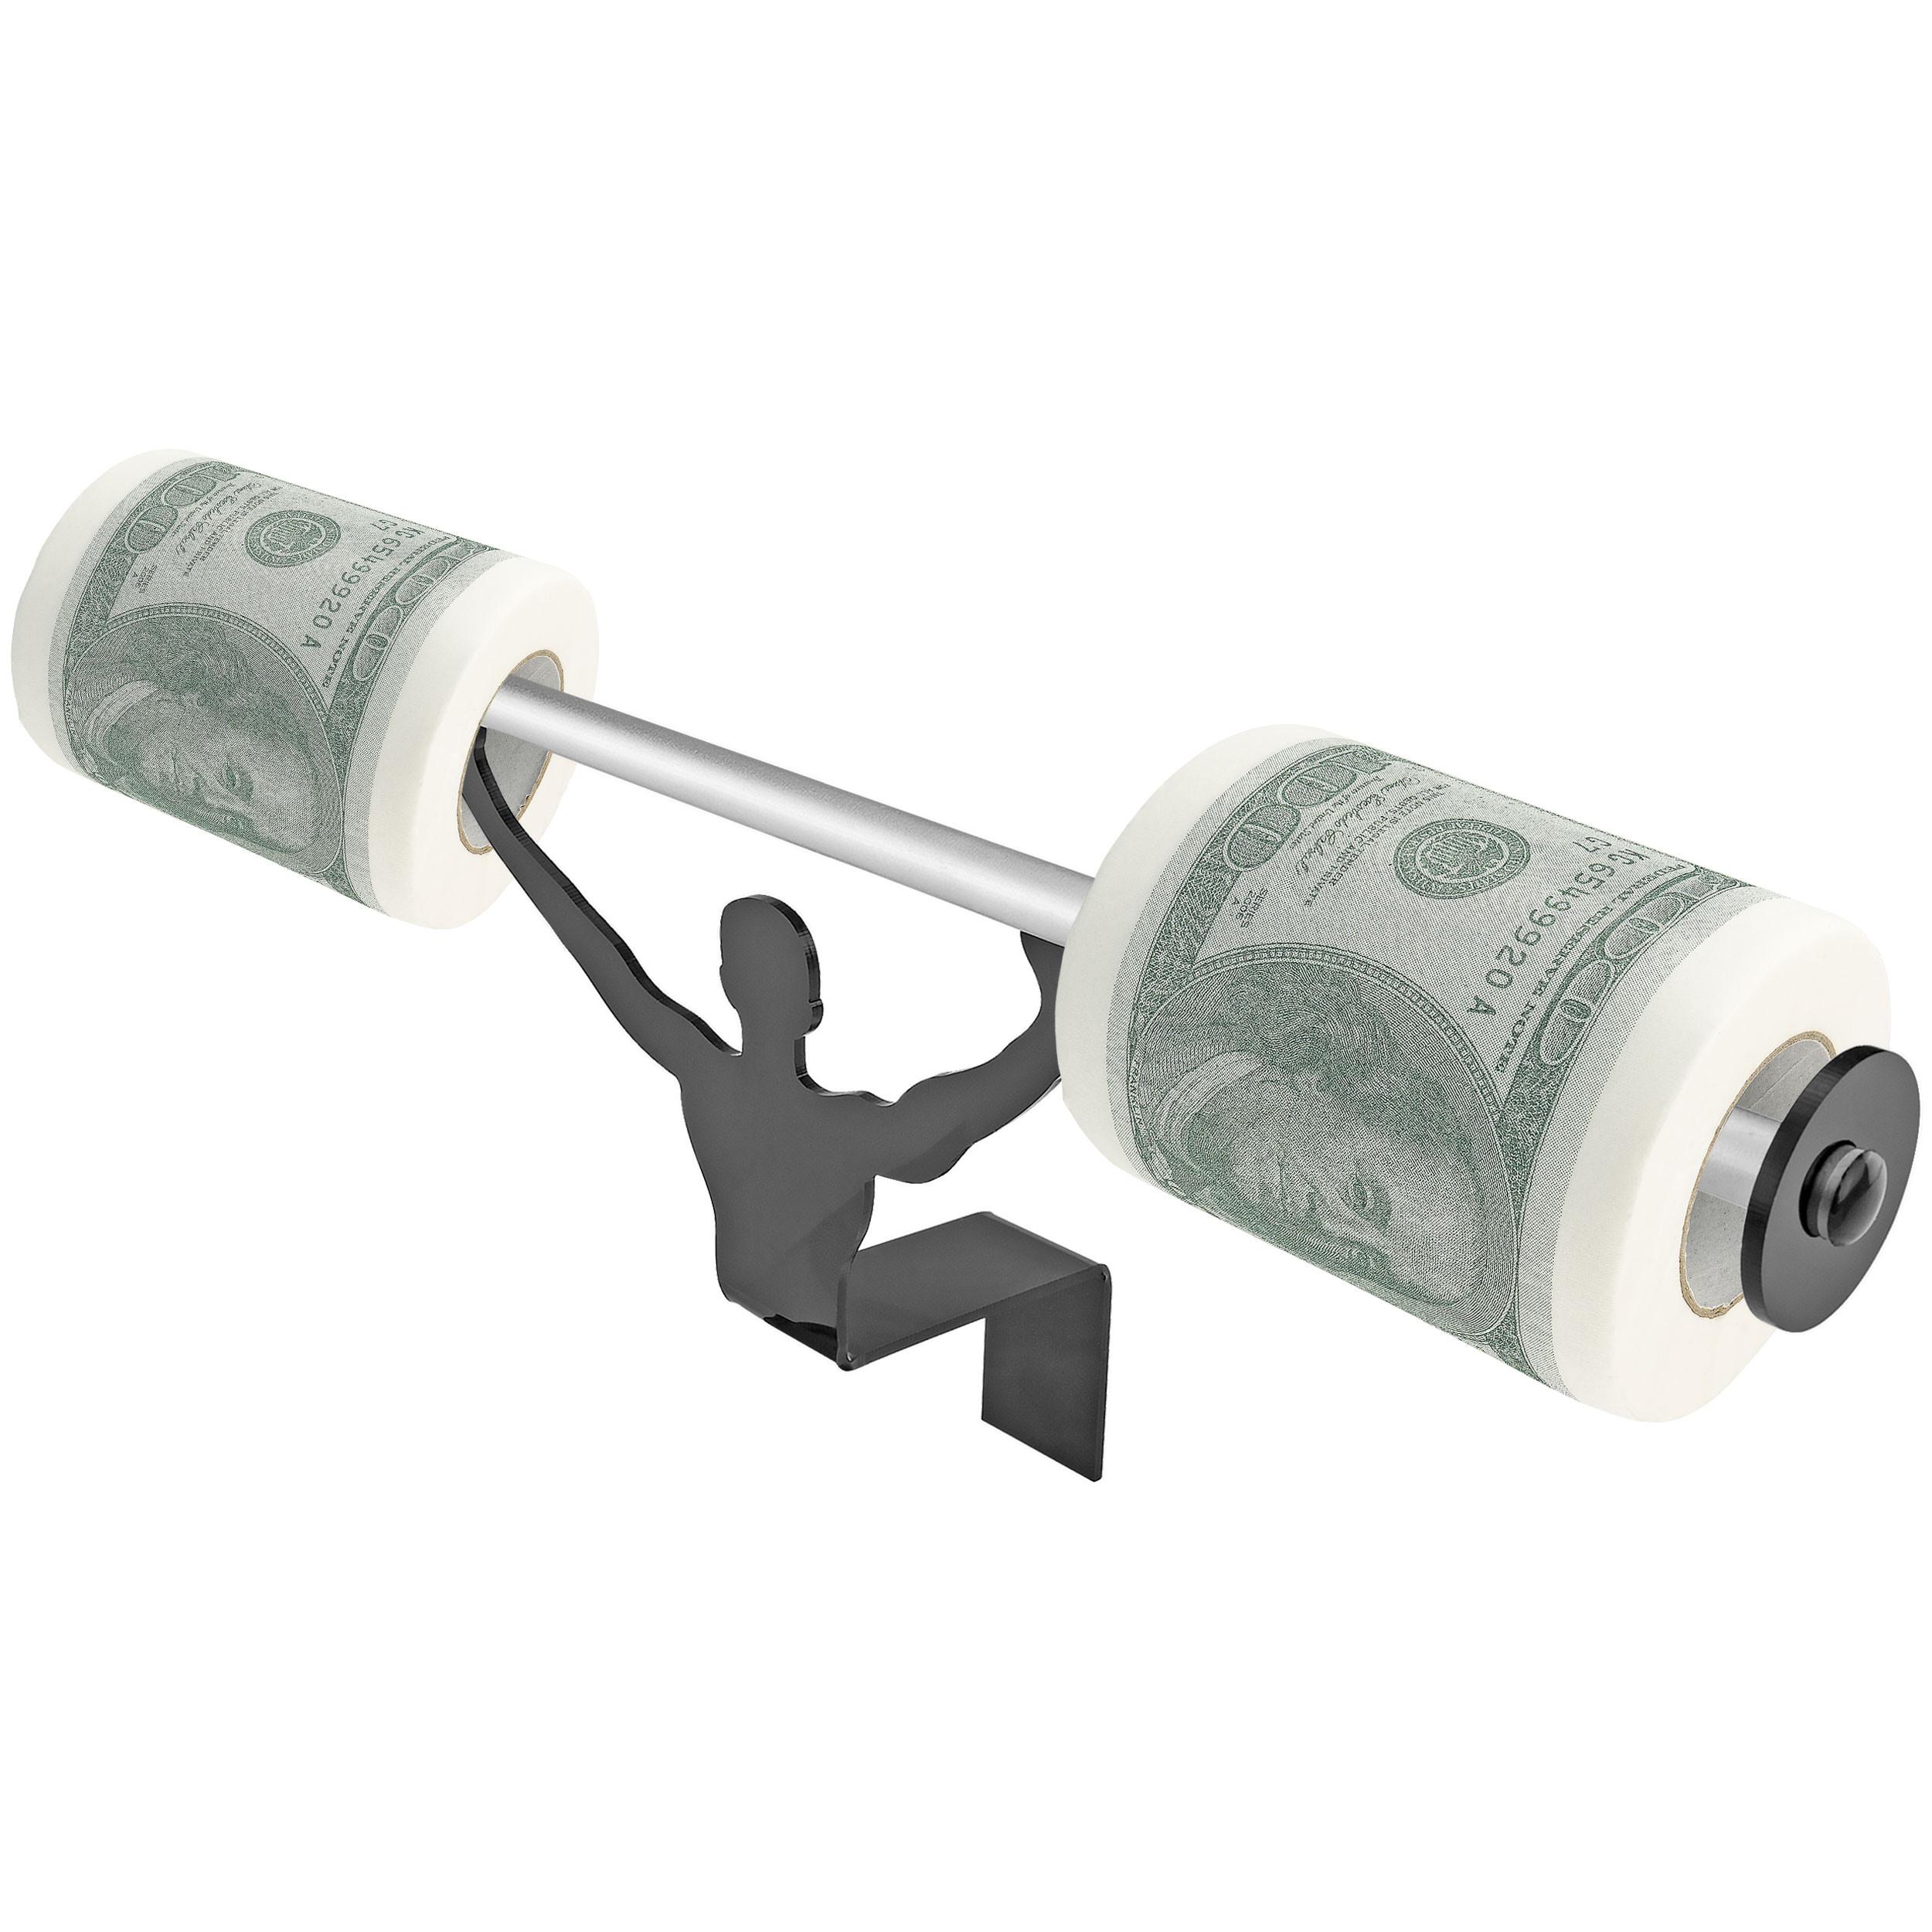 Fairly Odd Novelties USD Money Merica Toilet Paper W/Strong Man Holder Gift Set